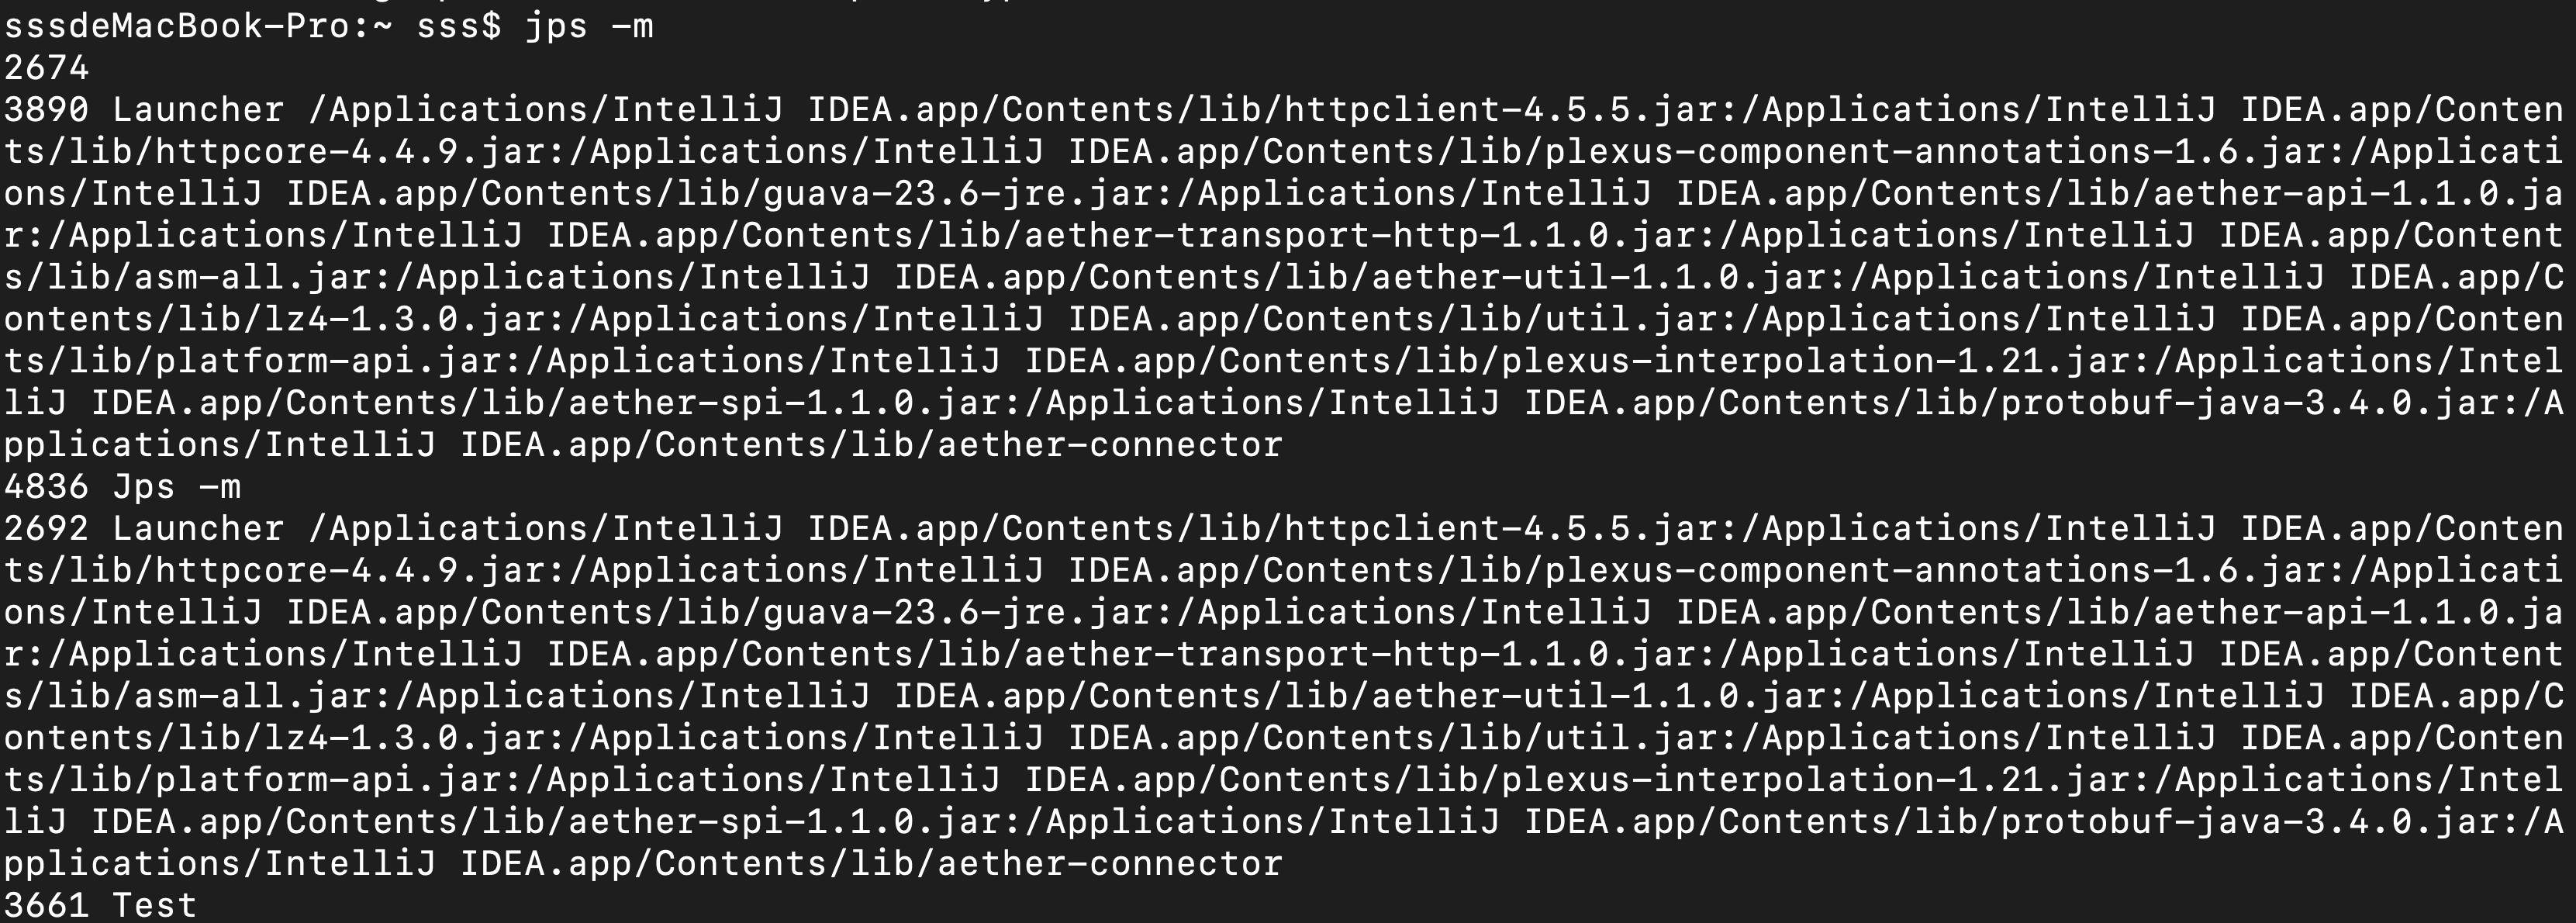 -m 输出传递给Java进程的参数